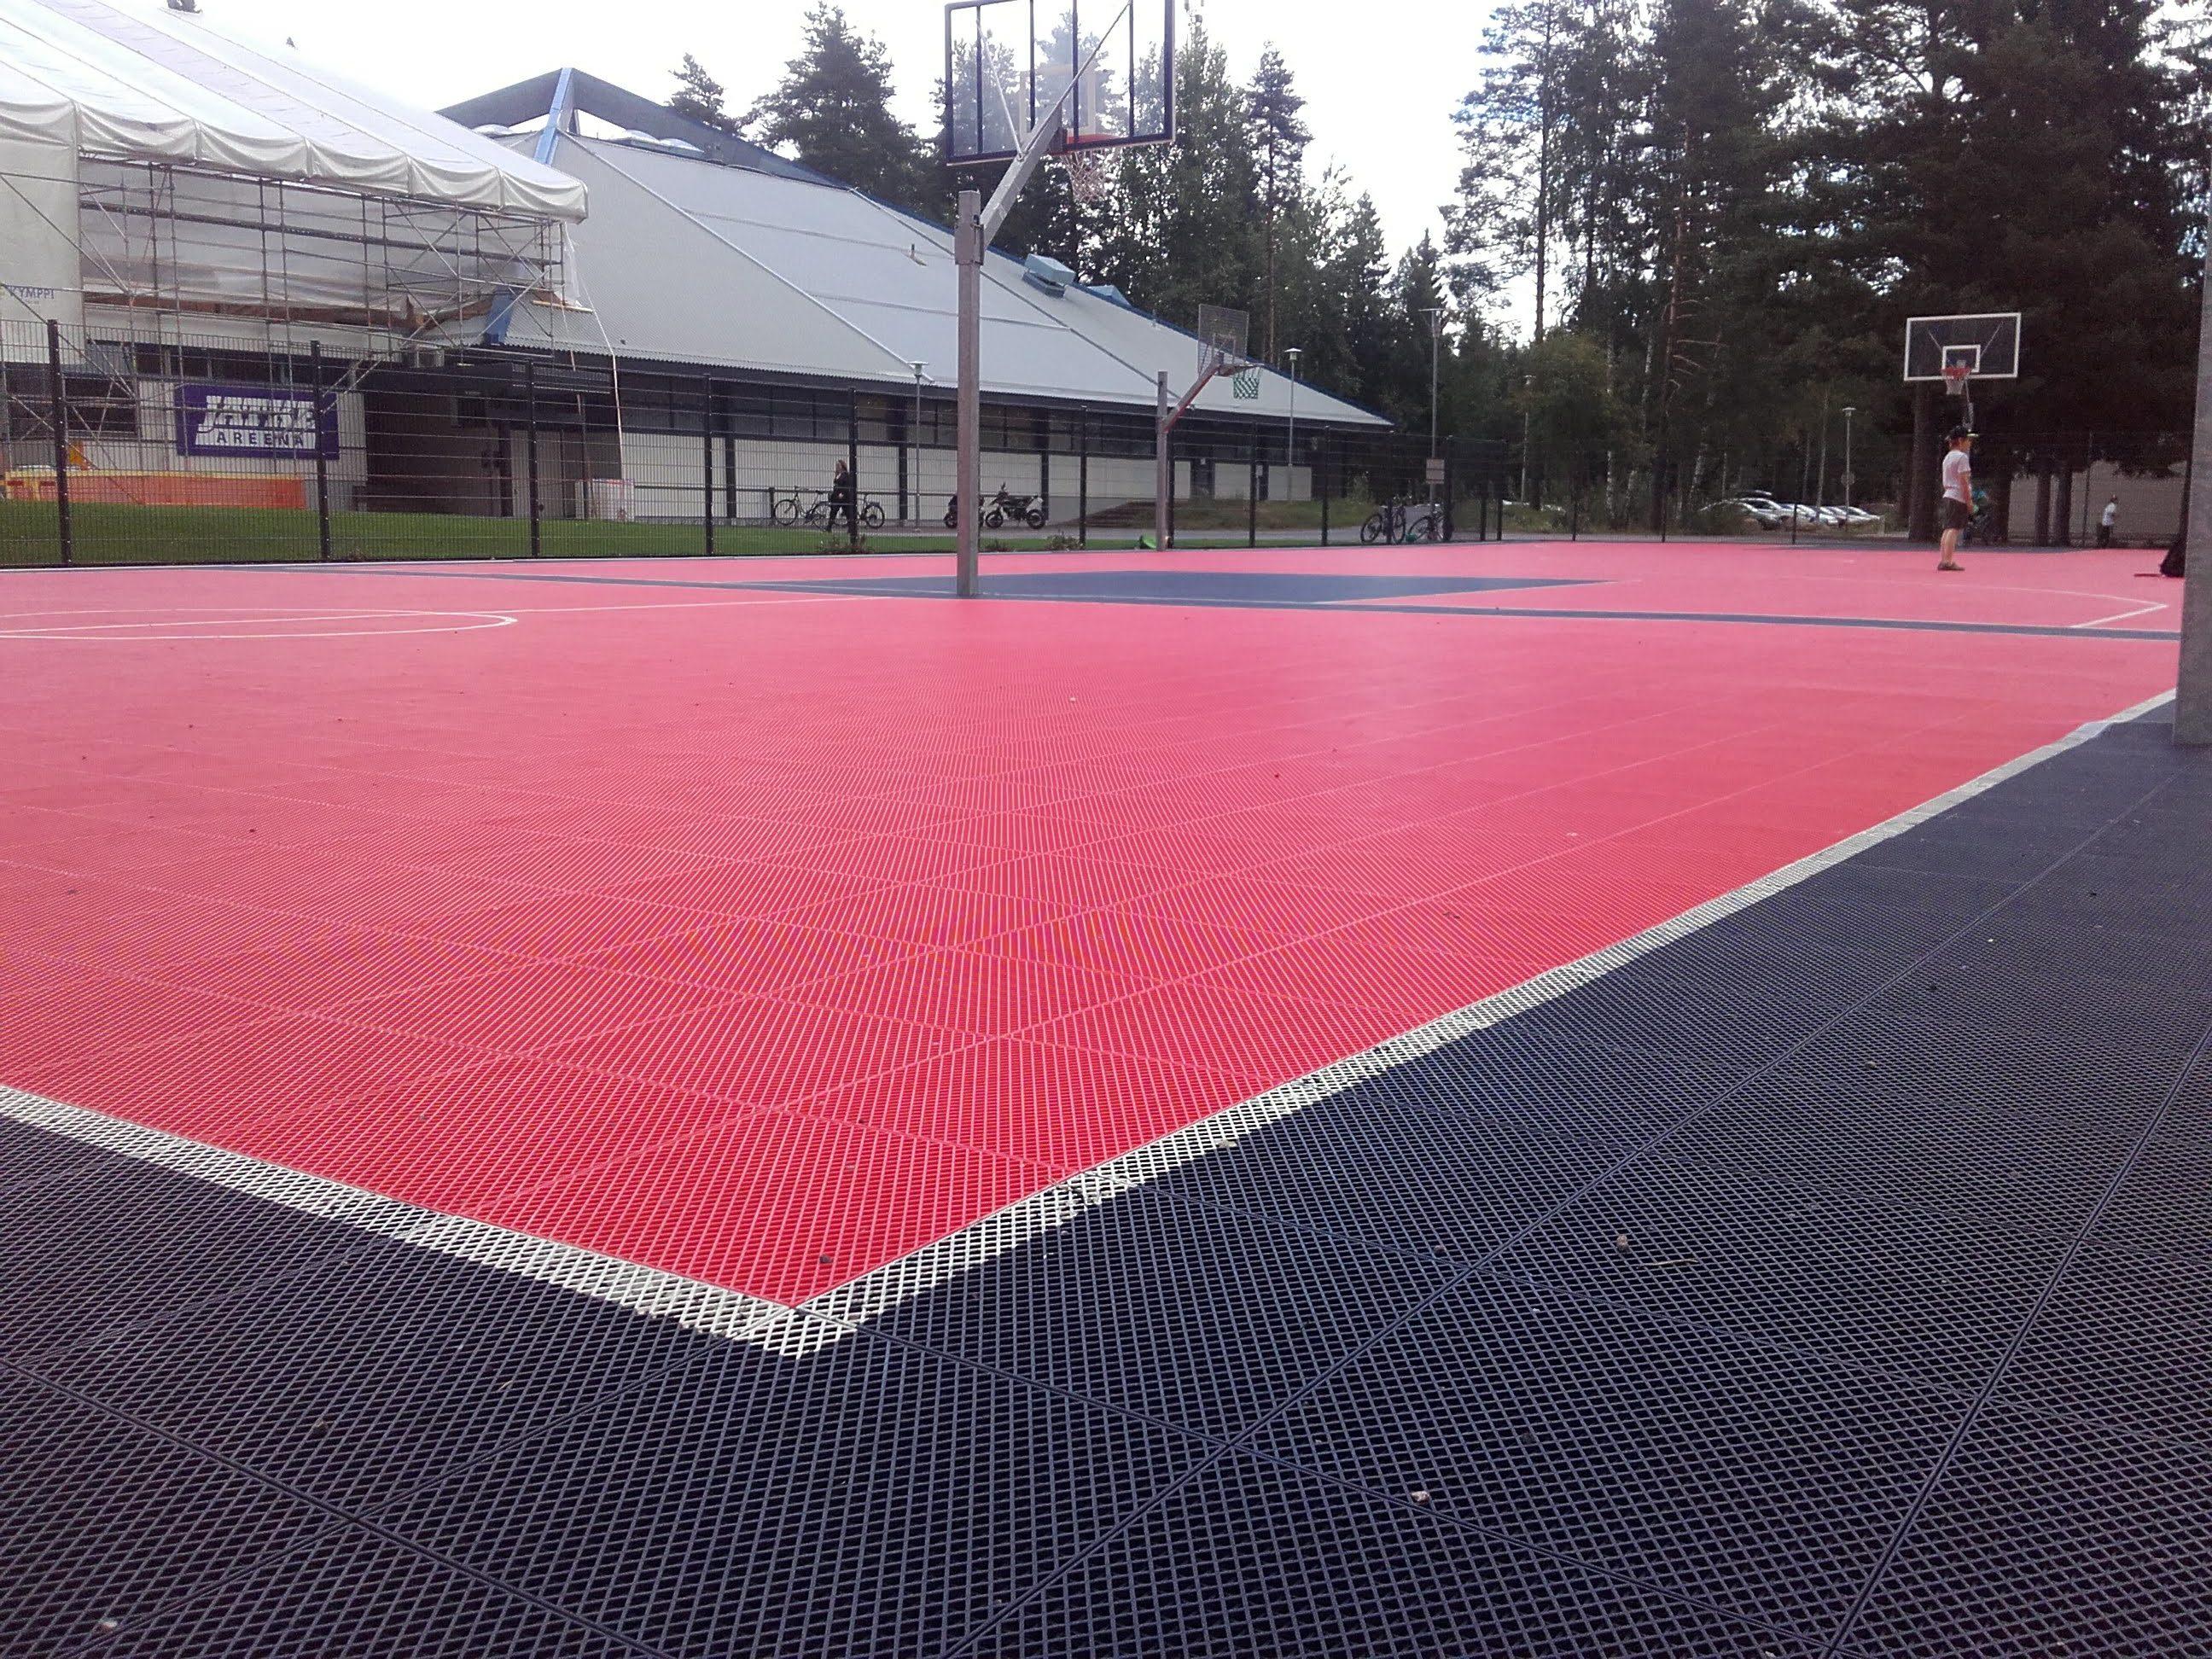 Pelikenttä, keskusta punainen ja reunat mustaa muovimattoa. Kentällä koripallokoreja. Kentän takana Mansikka-ahon liikuntahalli.